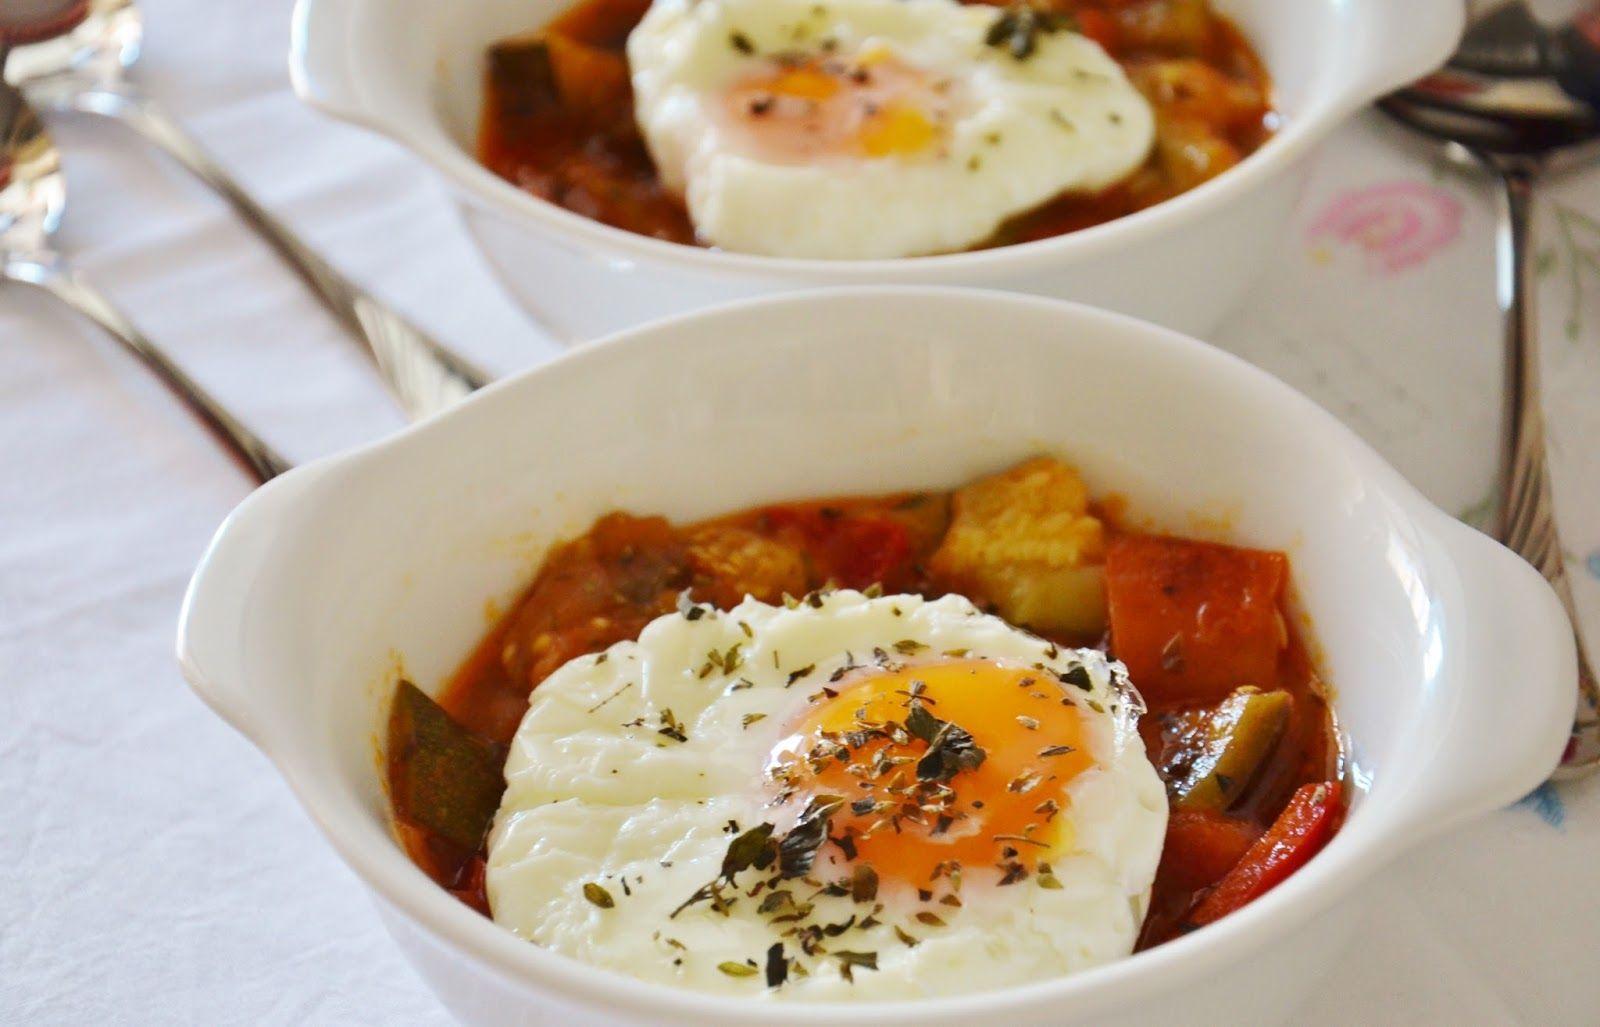 guisantes con huevo a la flamenca, perdida de peso, nutricion deportiva, clinica adn, nutricionista jerez, alimentacion saludable, menu comida semanal, deporte, adelgazar